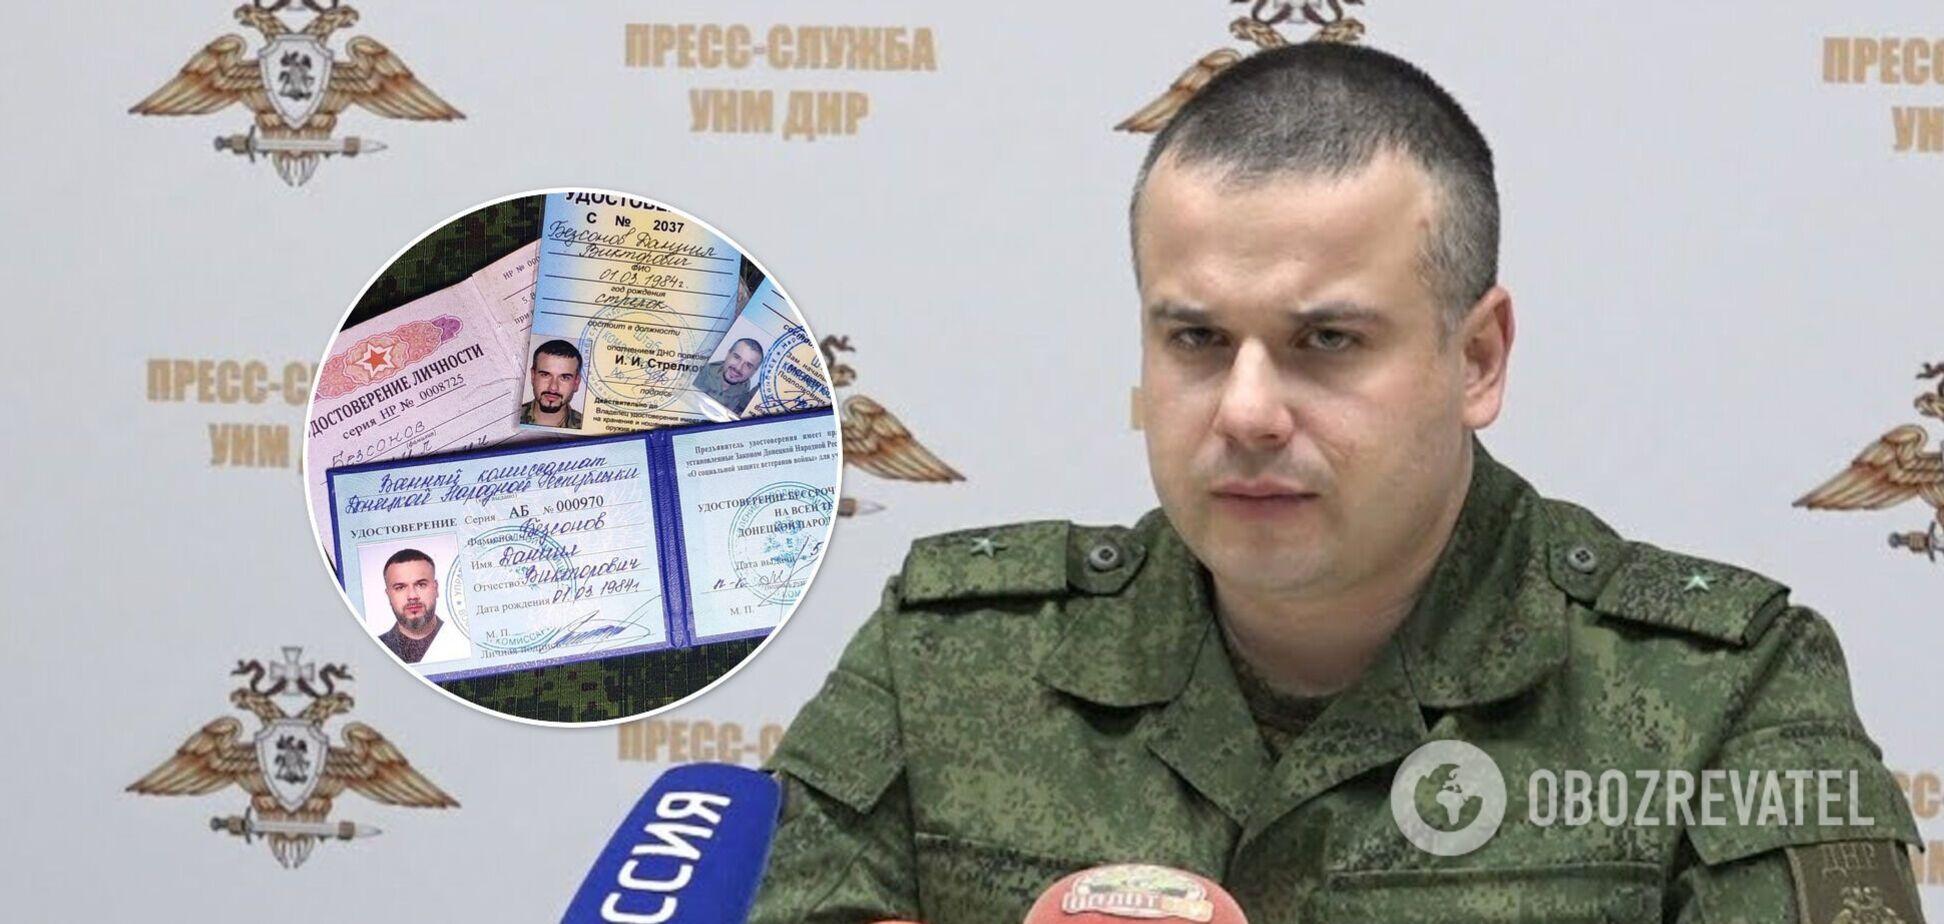 Пропагандист 'ДНР' Даниил Бессонов